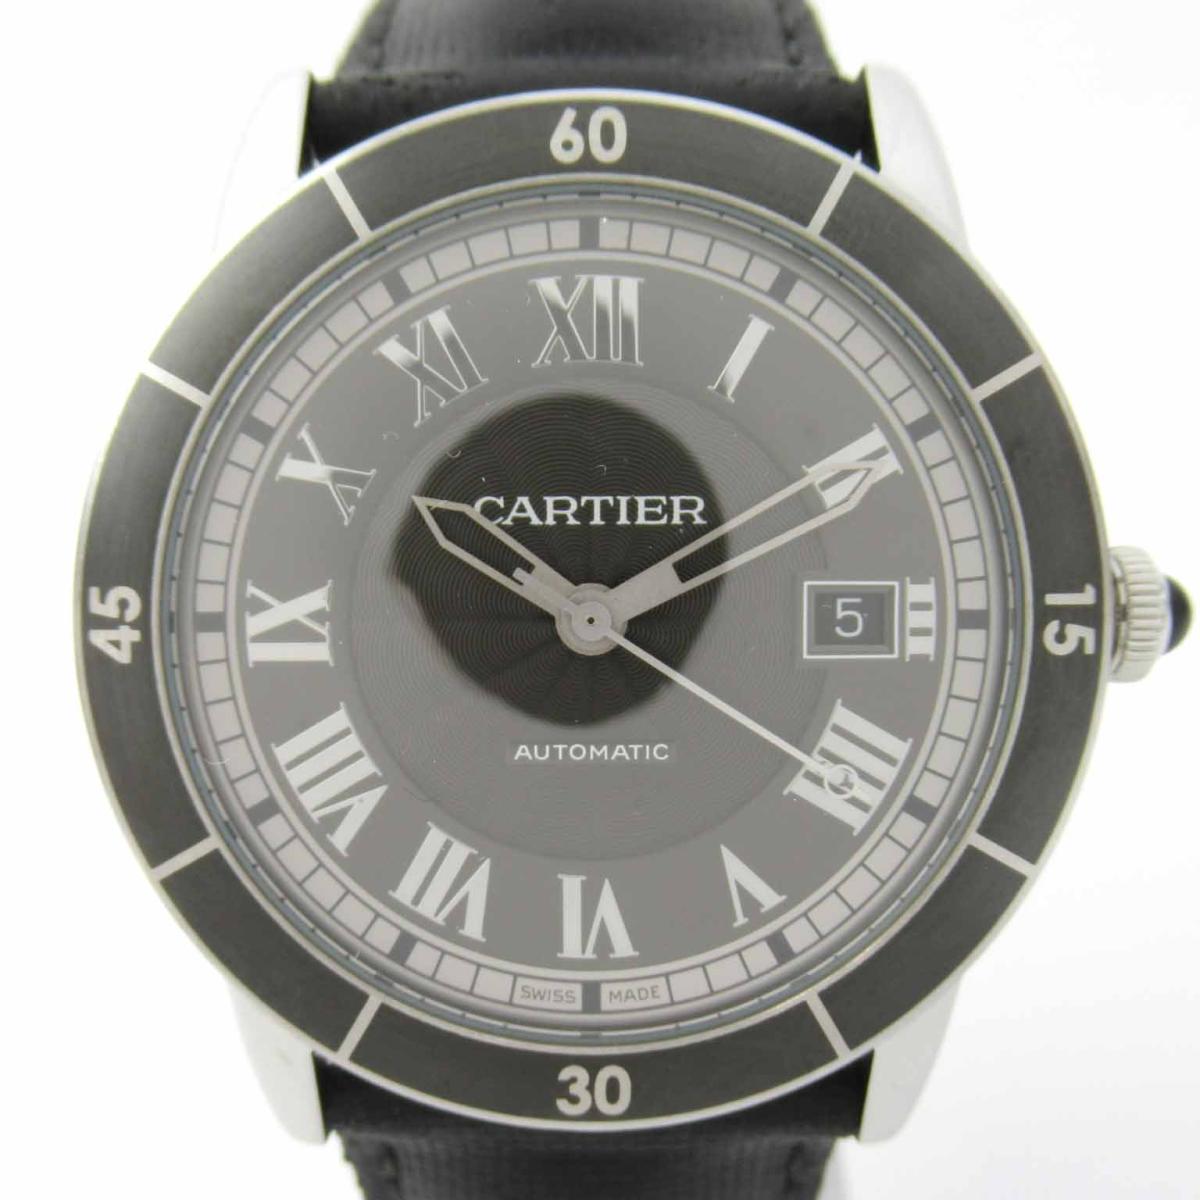 【中古】 カルティエ ロンド クロワジュール ウォッチ 腕時計 メンズ ステンレススチール (SS) レザーベルト | Cartier BRANDOFF ブランドオフ ブランド ブランド時計 ブランド腕時計 時計